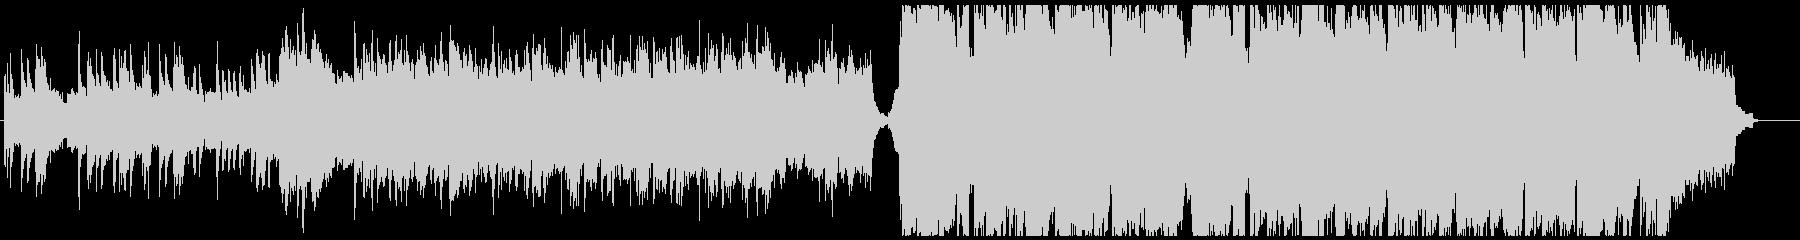 民族調×ウェディングの明るいワルツの未再生の波形